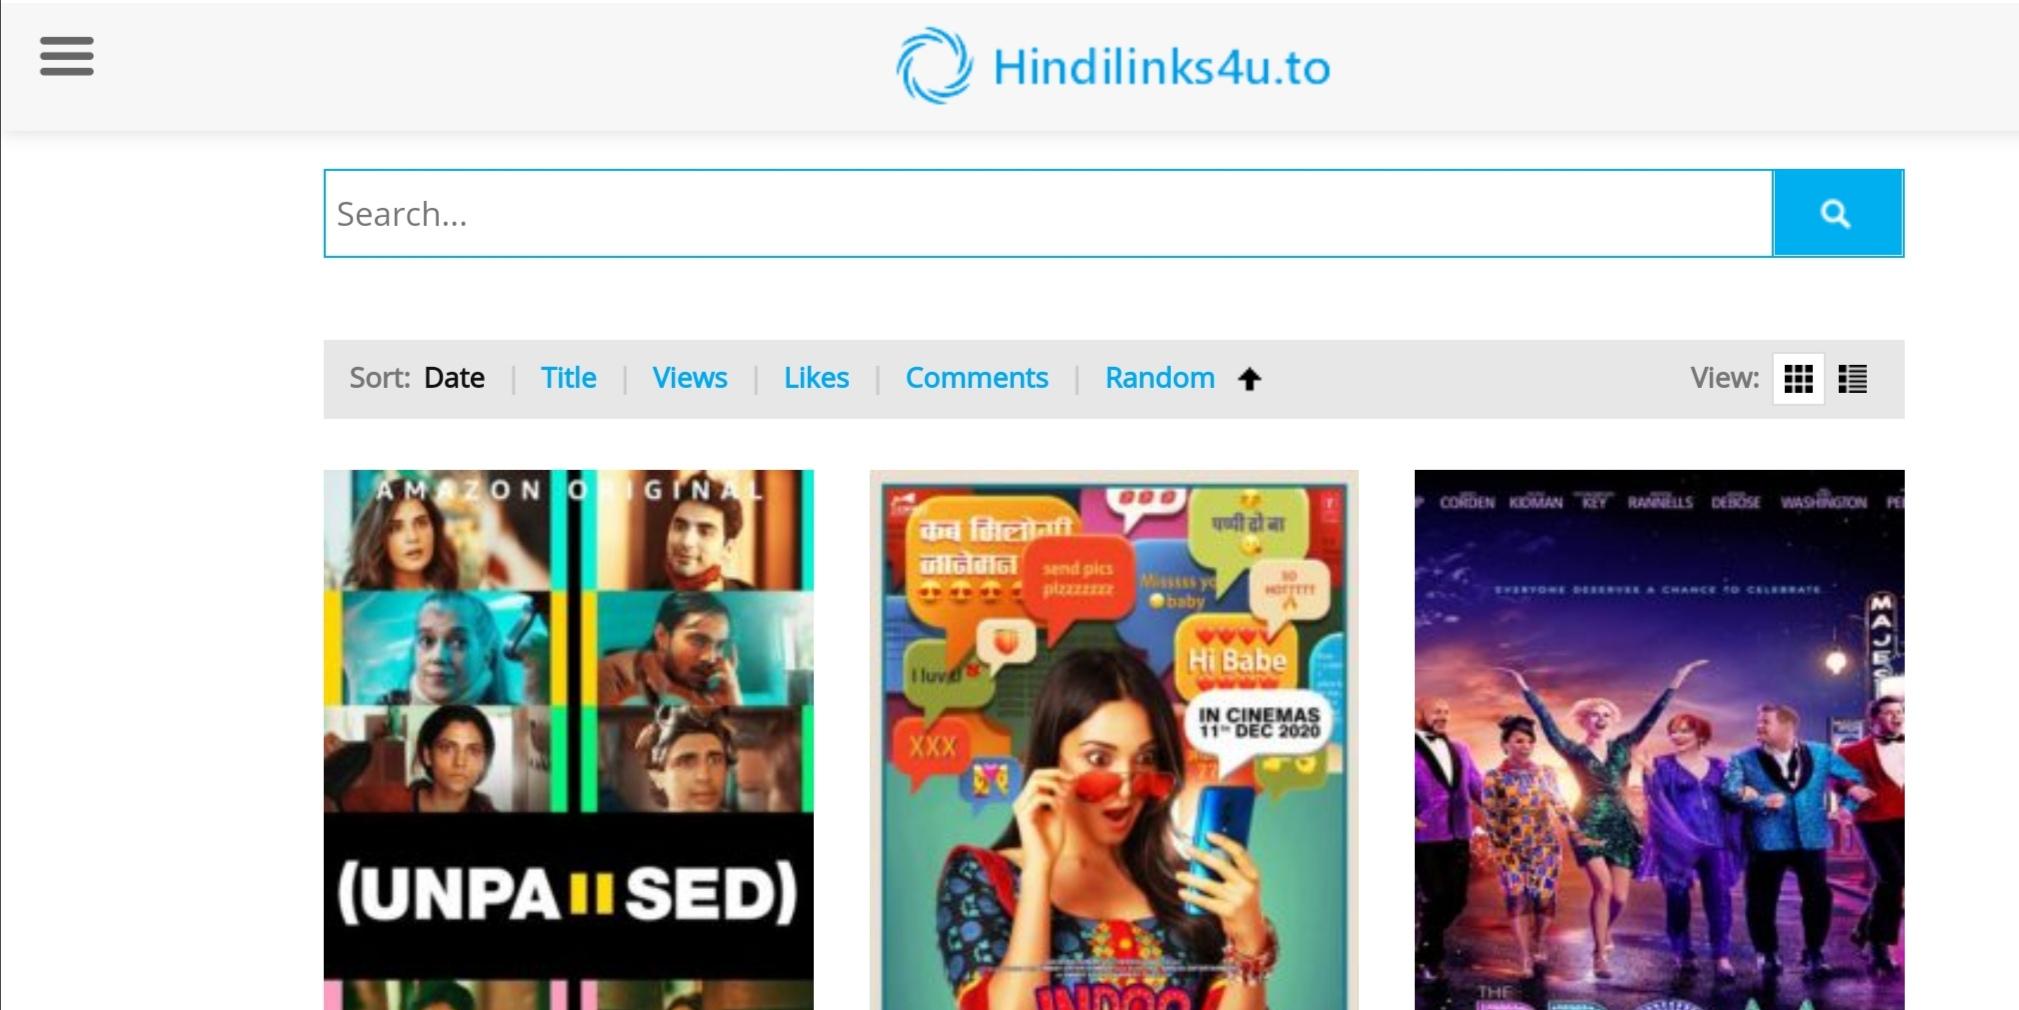 hindilinks4u to new domain 2021